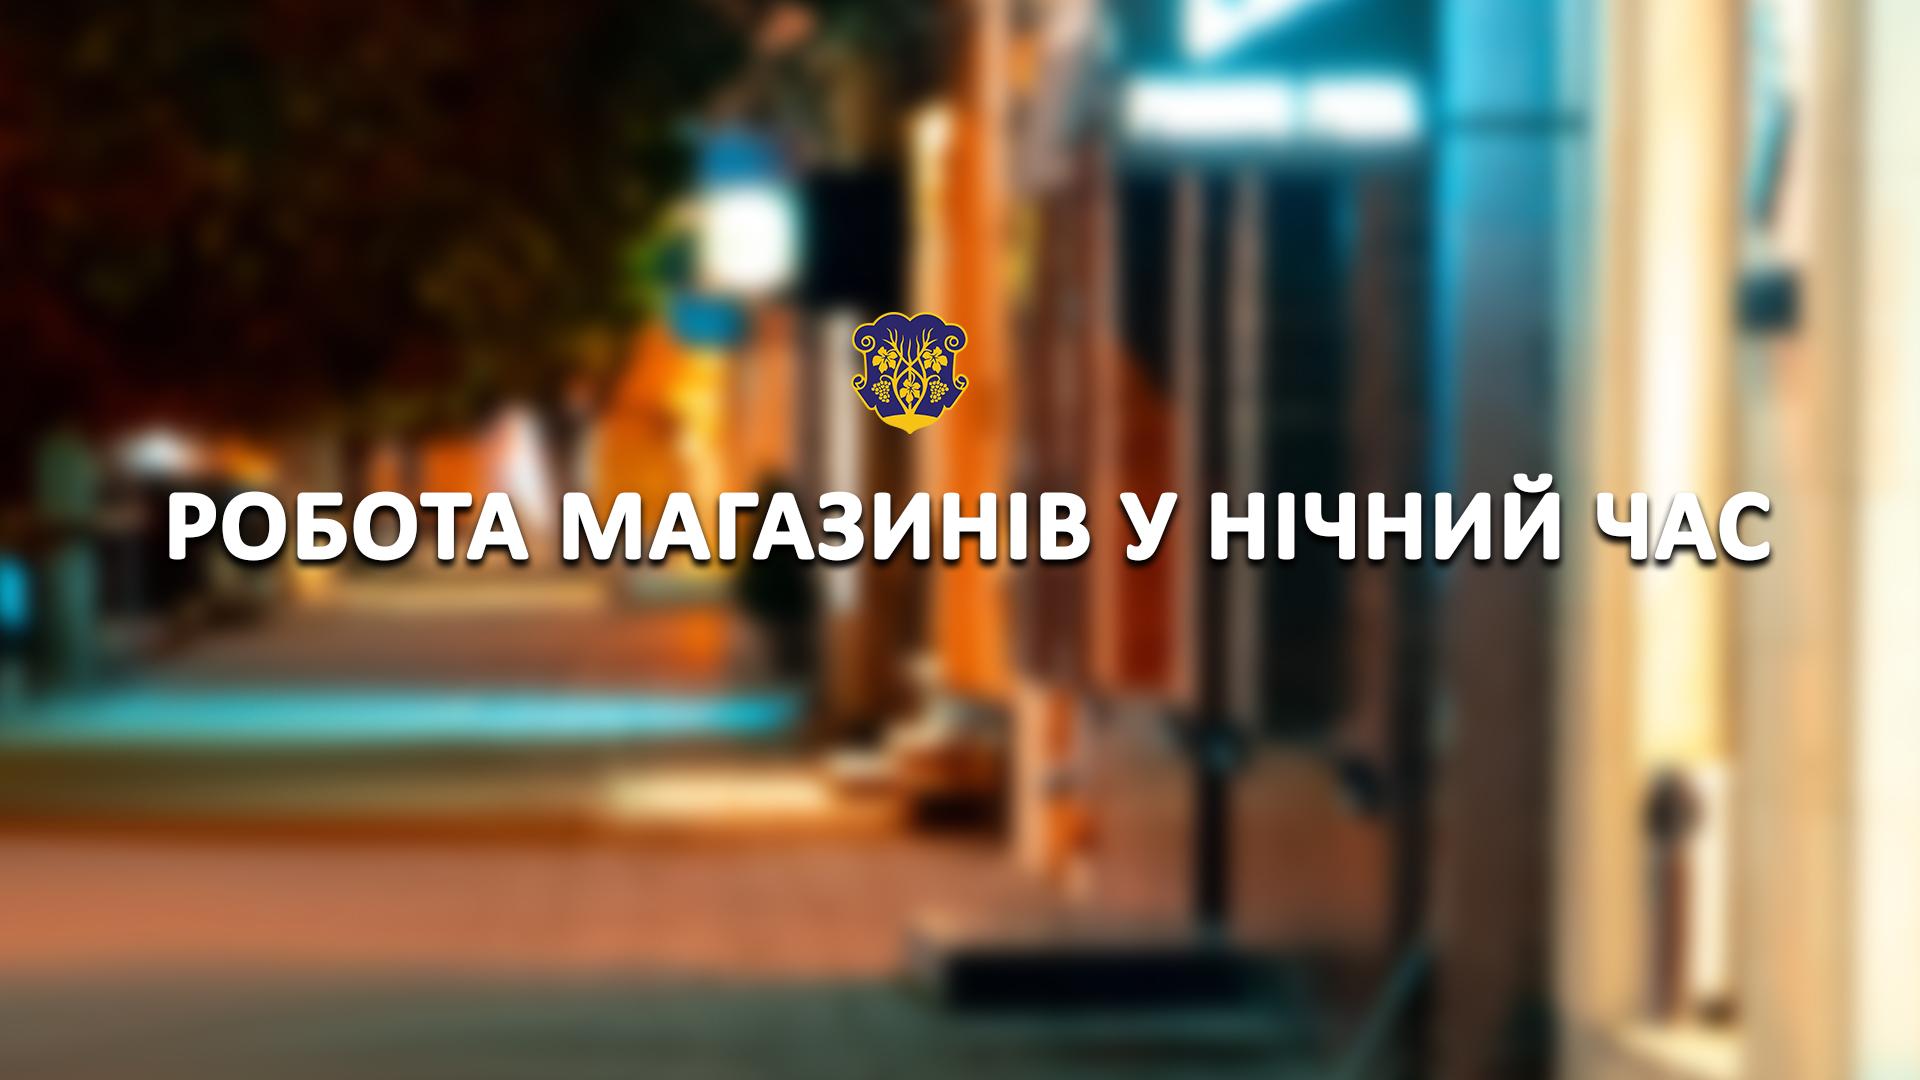 Заклади торгівлі в Ужгороді можуть працювати у нічний час, – міськрада